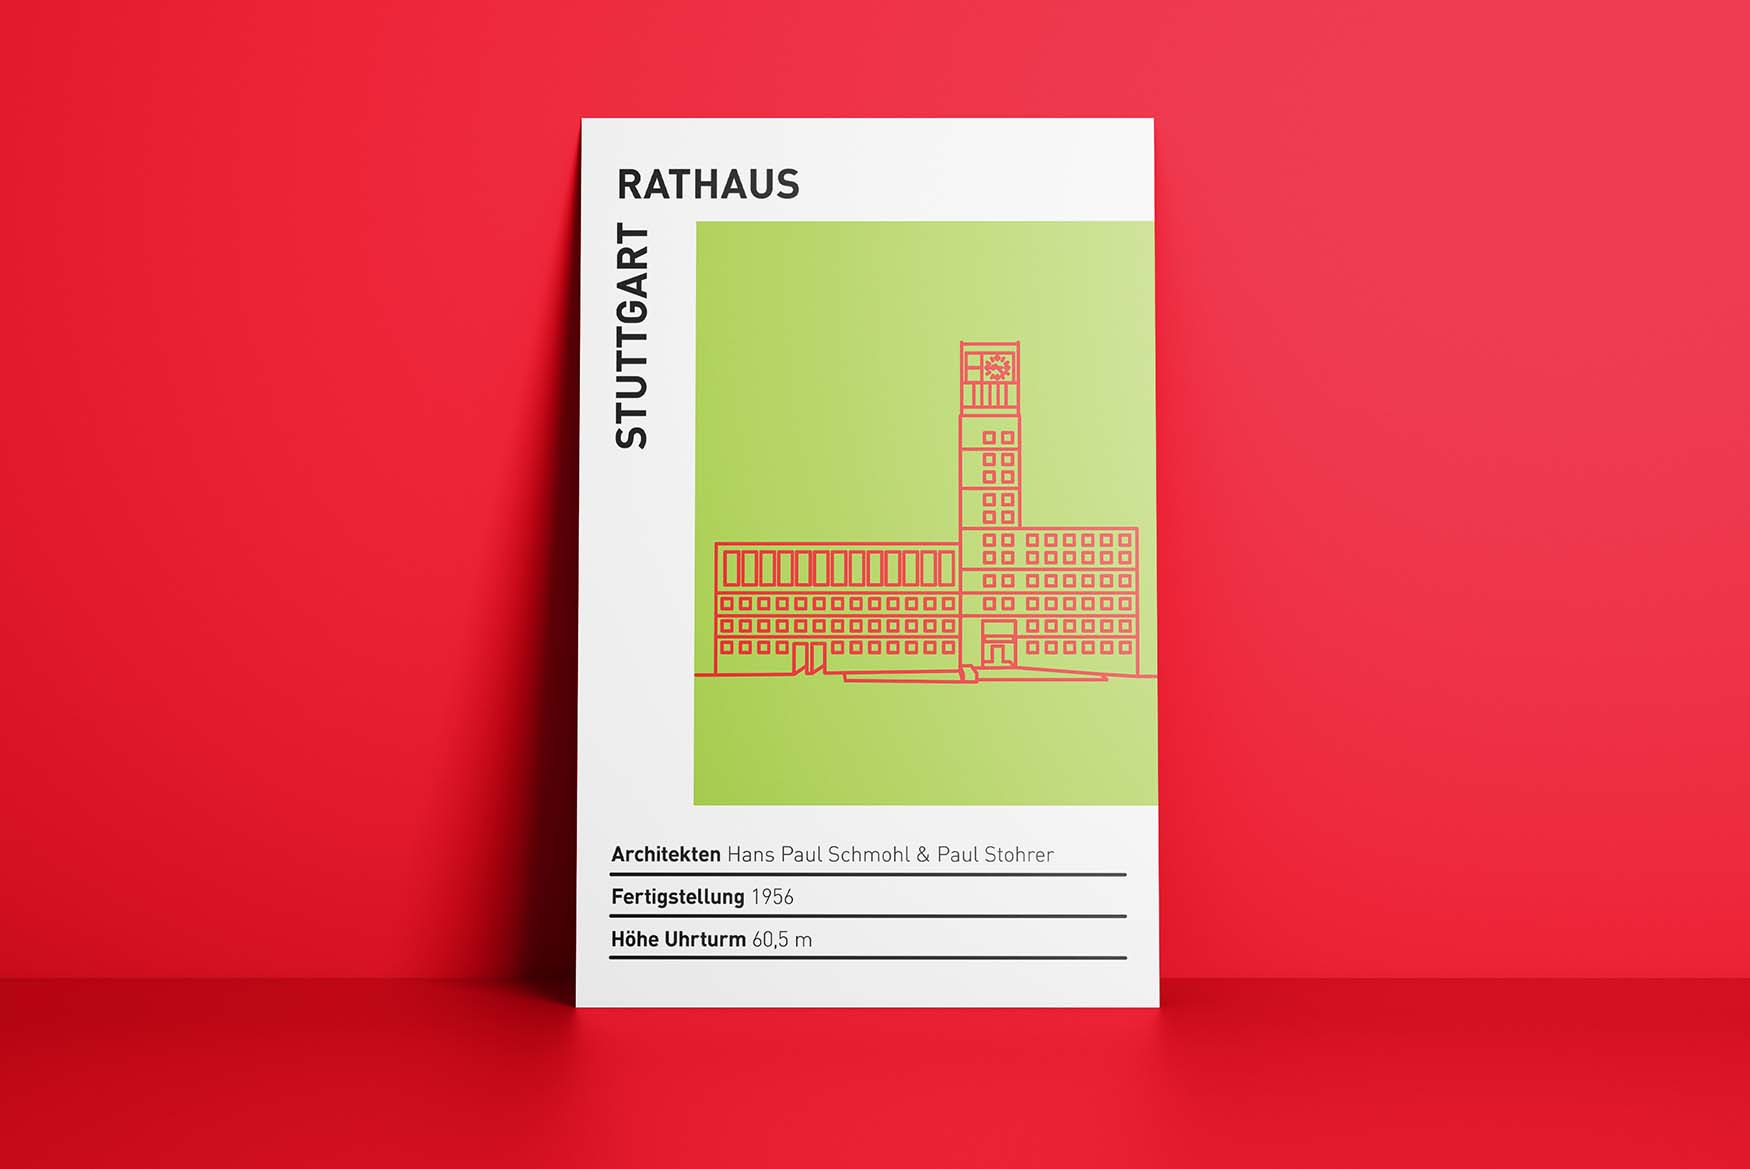 Kreativbetrieb-Designagentur-Architektur-Stuttgart-8